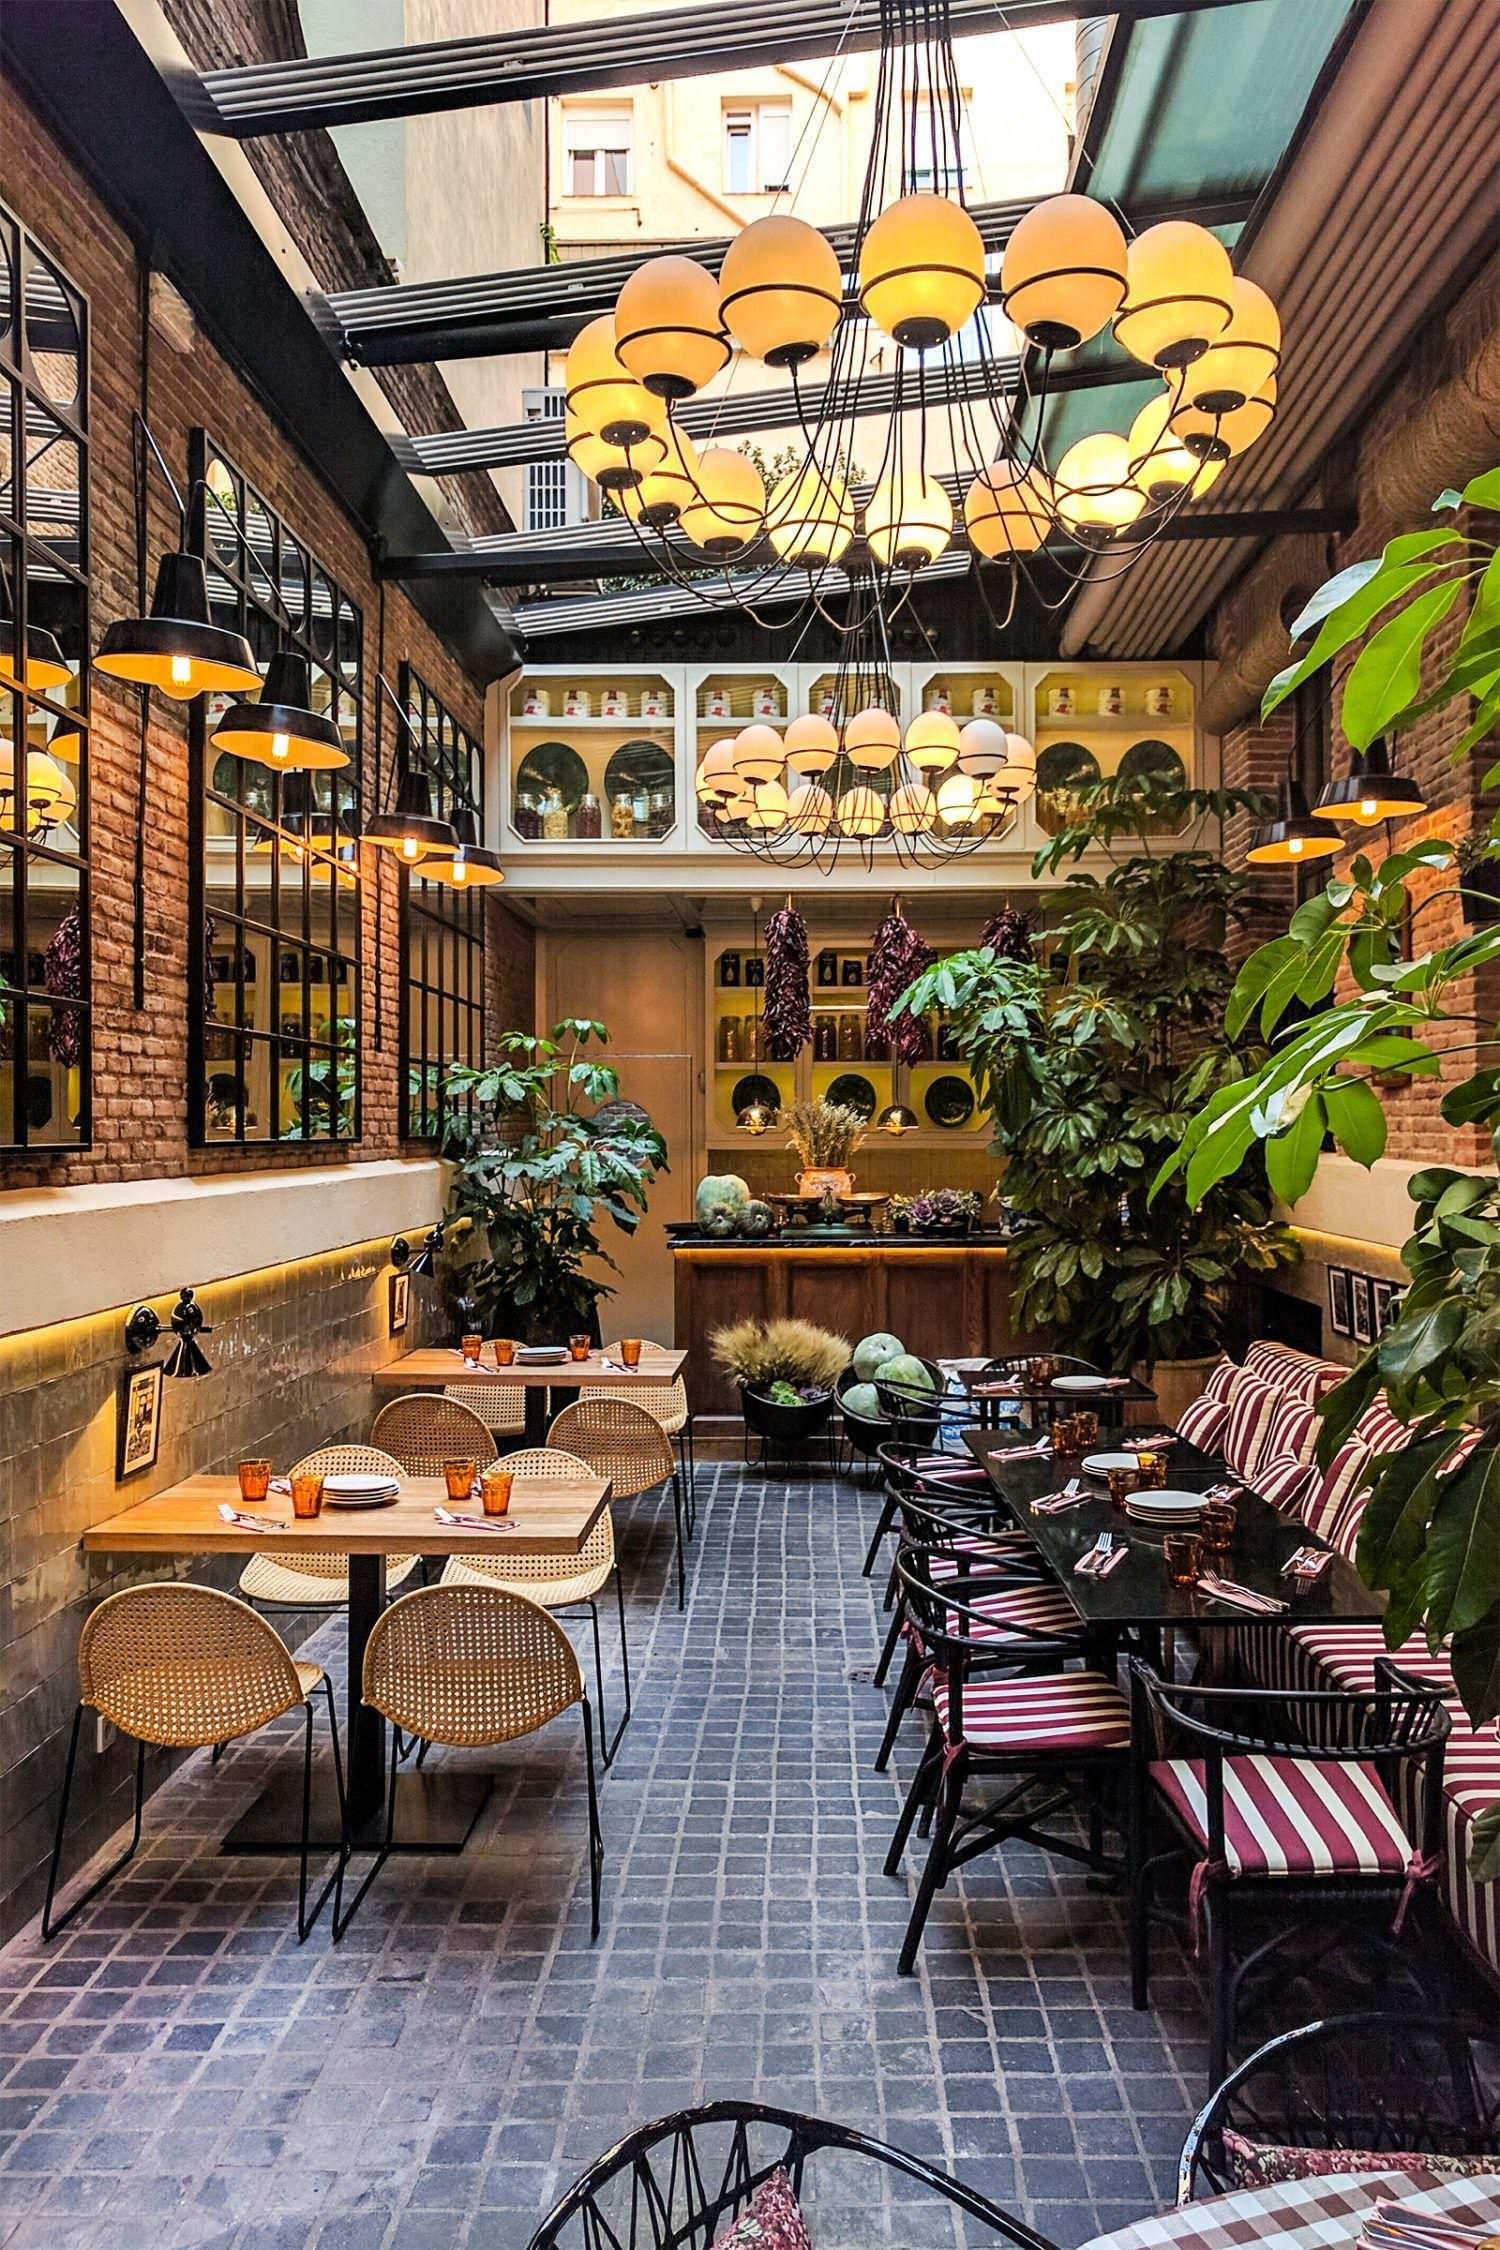 Las Terrazas De Invierno En Madrid Para Disfrutar Calentito Del Frio Castizo Cenar En Madrid Restaurantes Terrazas Madrid